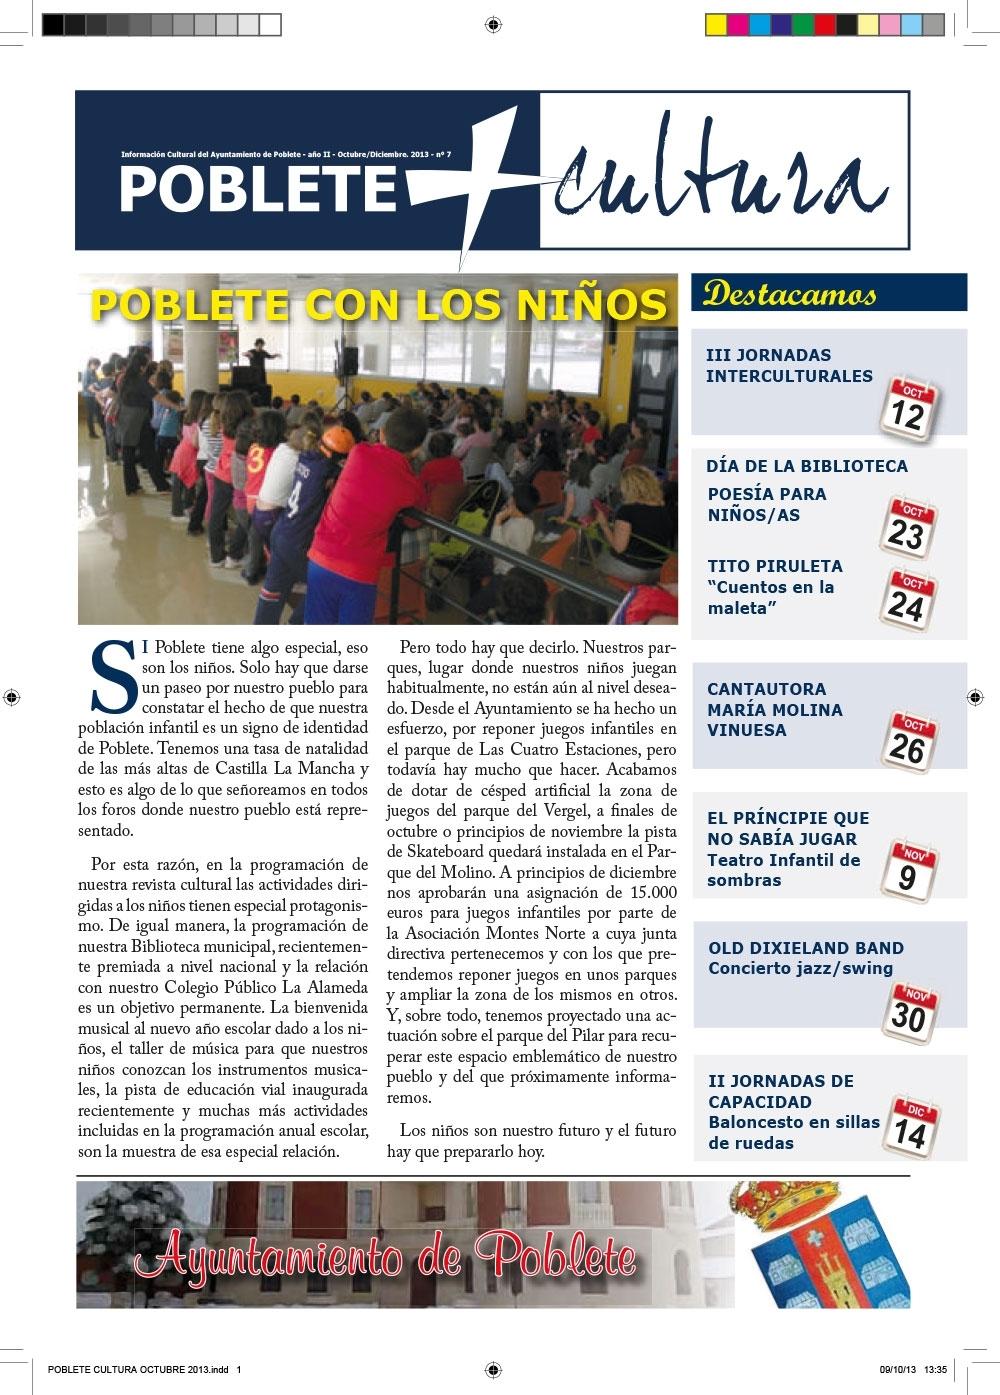 Portada de la revista Octubre 2013